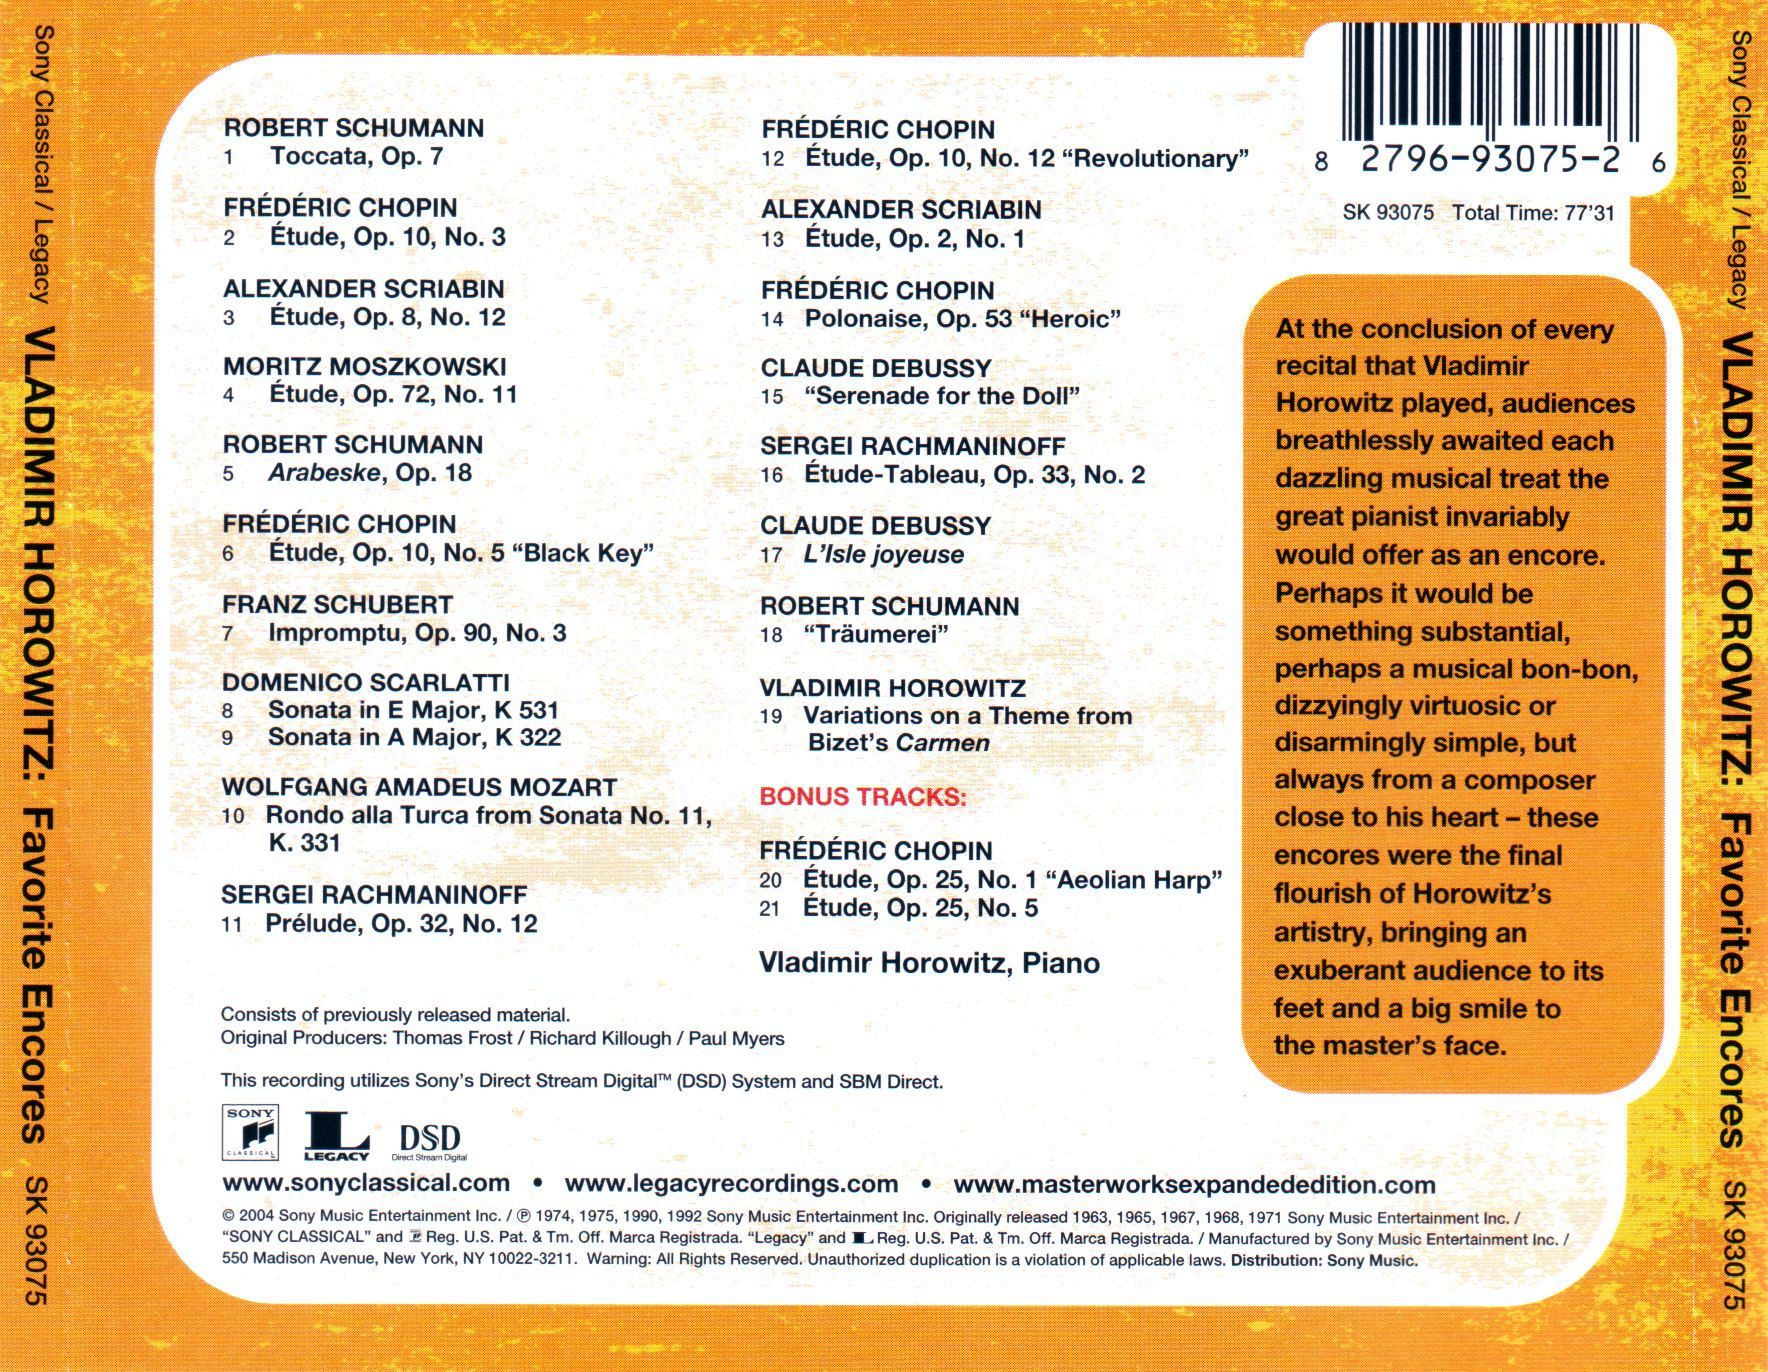 Vladimir Horowitz - Favorite Encores - 2004 / AvaxHome